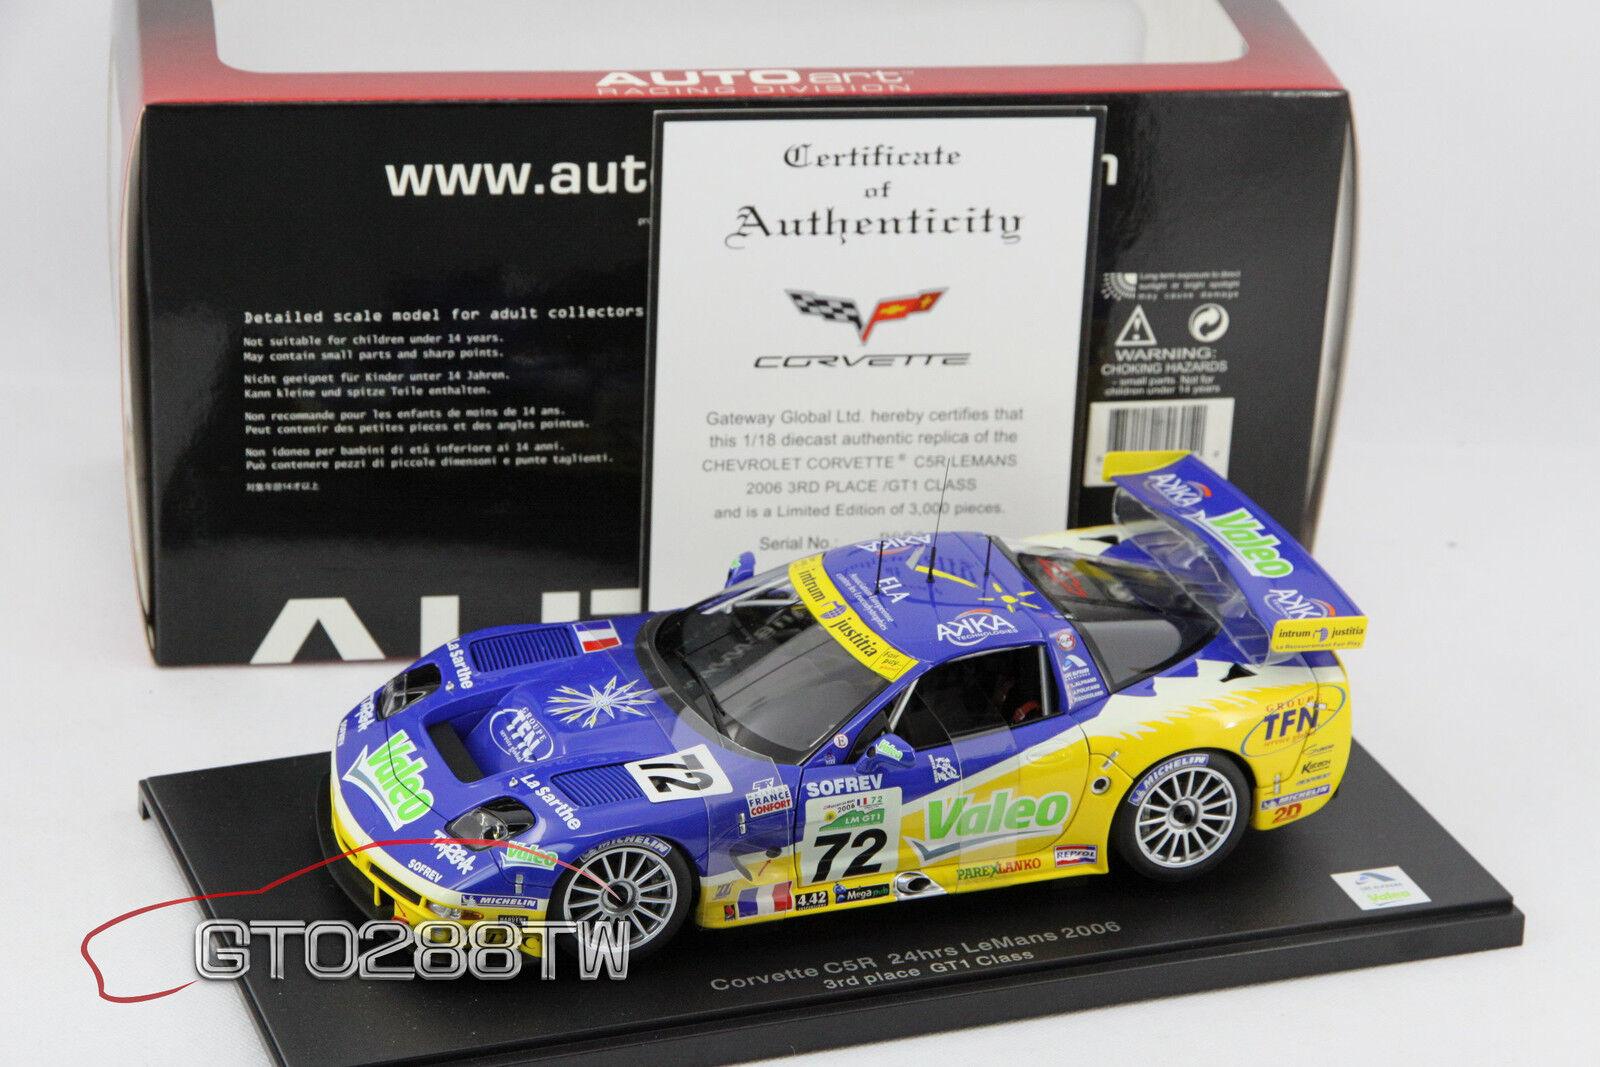 Autoart 1,18 chevrolet corvette c5-r 24h lemans gt1 2006   72 (c5r) le 3000 pcs